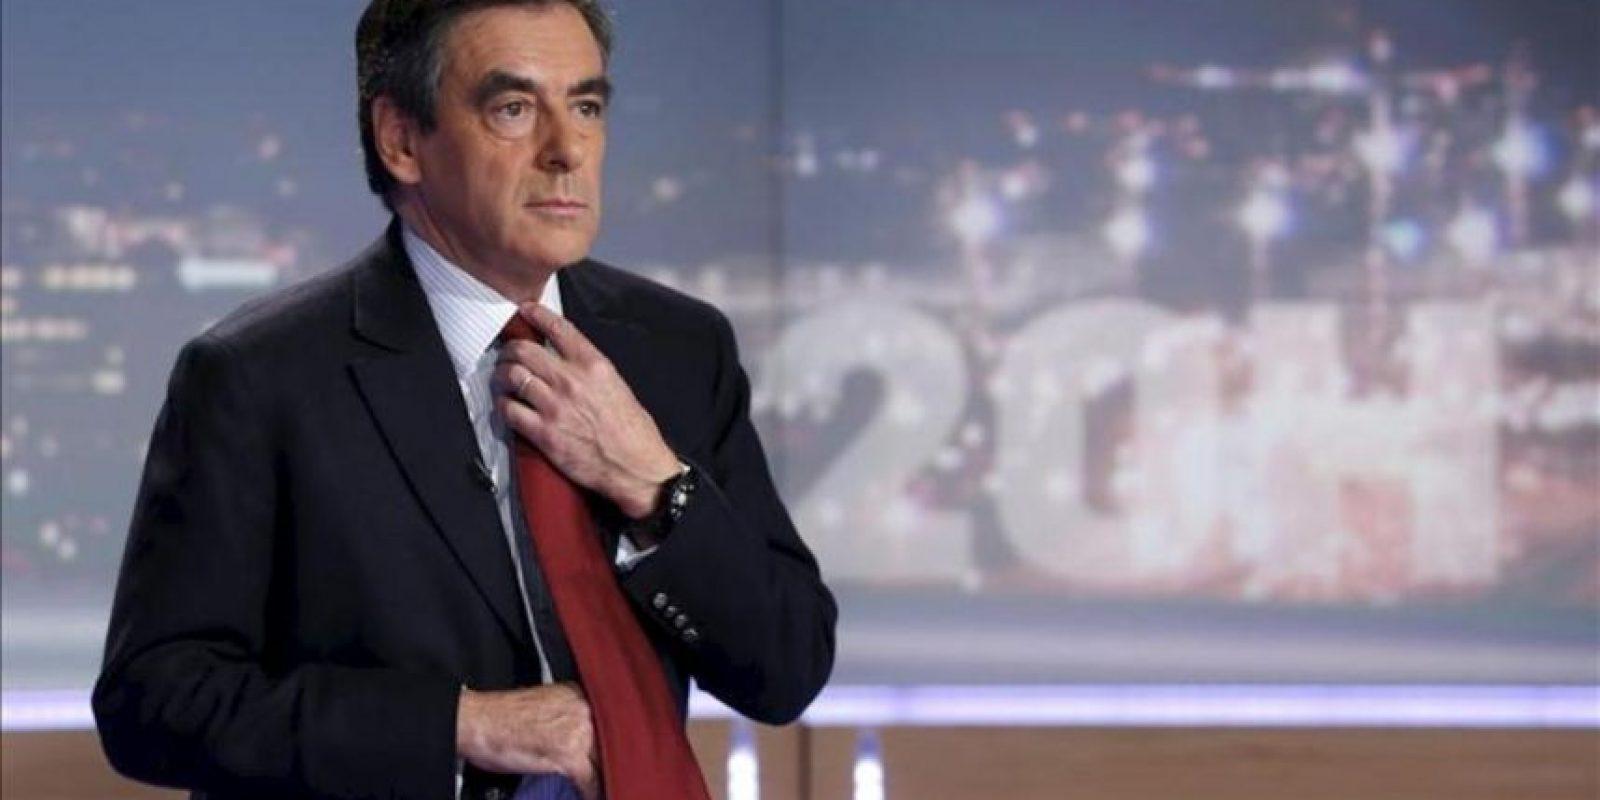 El ex primer ministro francés Francois Fillon y candidato derrotado a presidir el partido político Unión por un Movimiento Popular (UMP), se prepara para una emisión de noticias en los estudios del canal de televisión privado TF1. EFE/Archivo ]